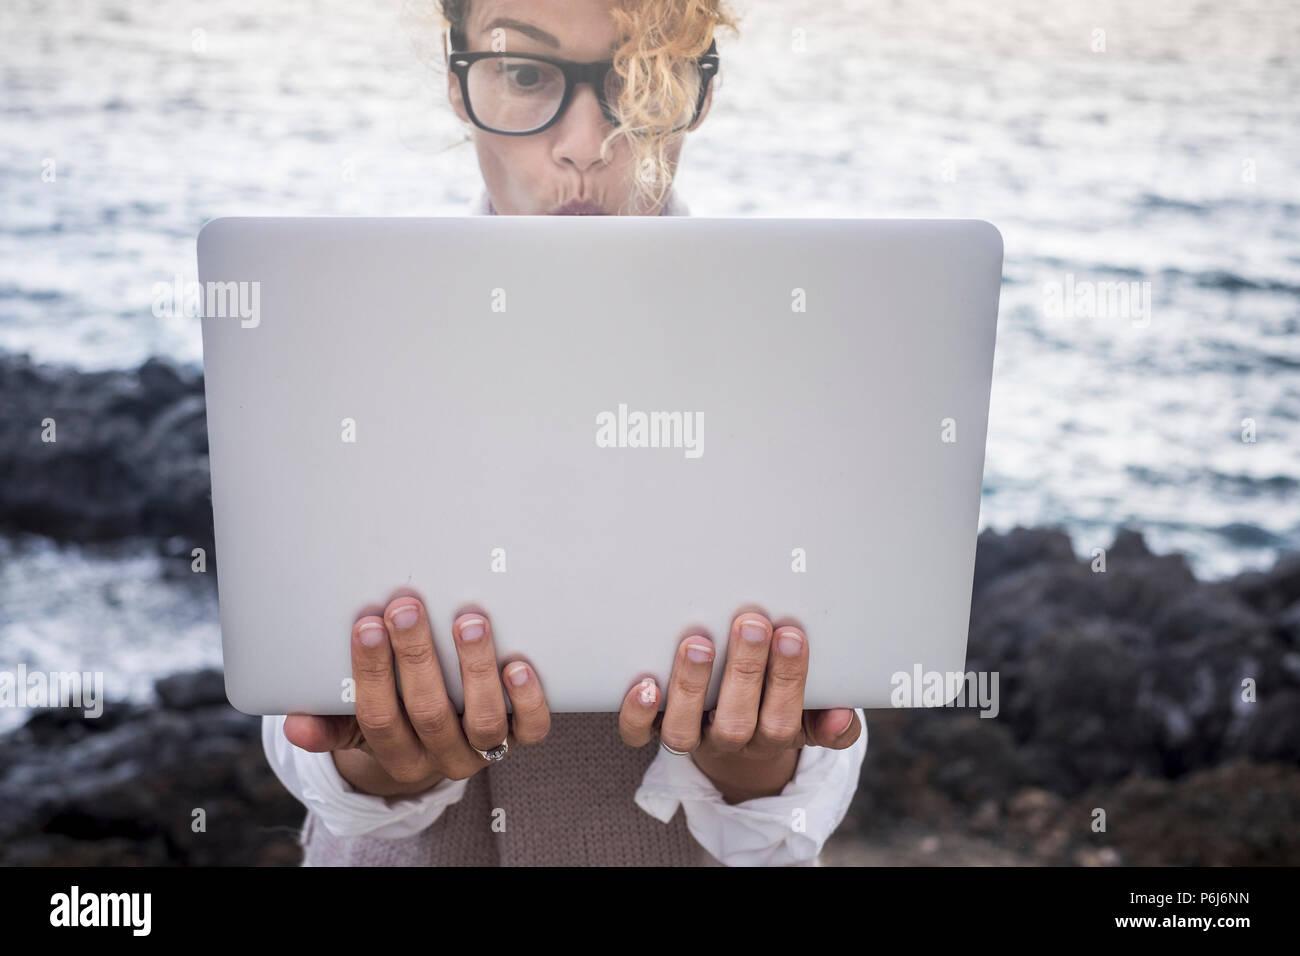 Überrascht Gesichtsausdruck für schöne kaukasischen junge Frau die Arbeit an einem Laptop in alternative office Outdoor an der Küste in der Nähe von den Wellen des Ozeans. di Stockbild